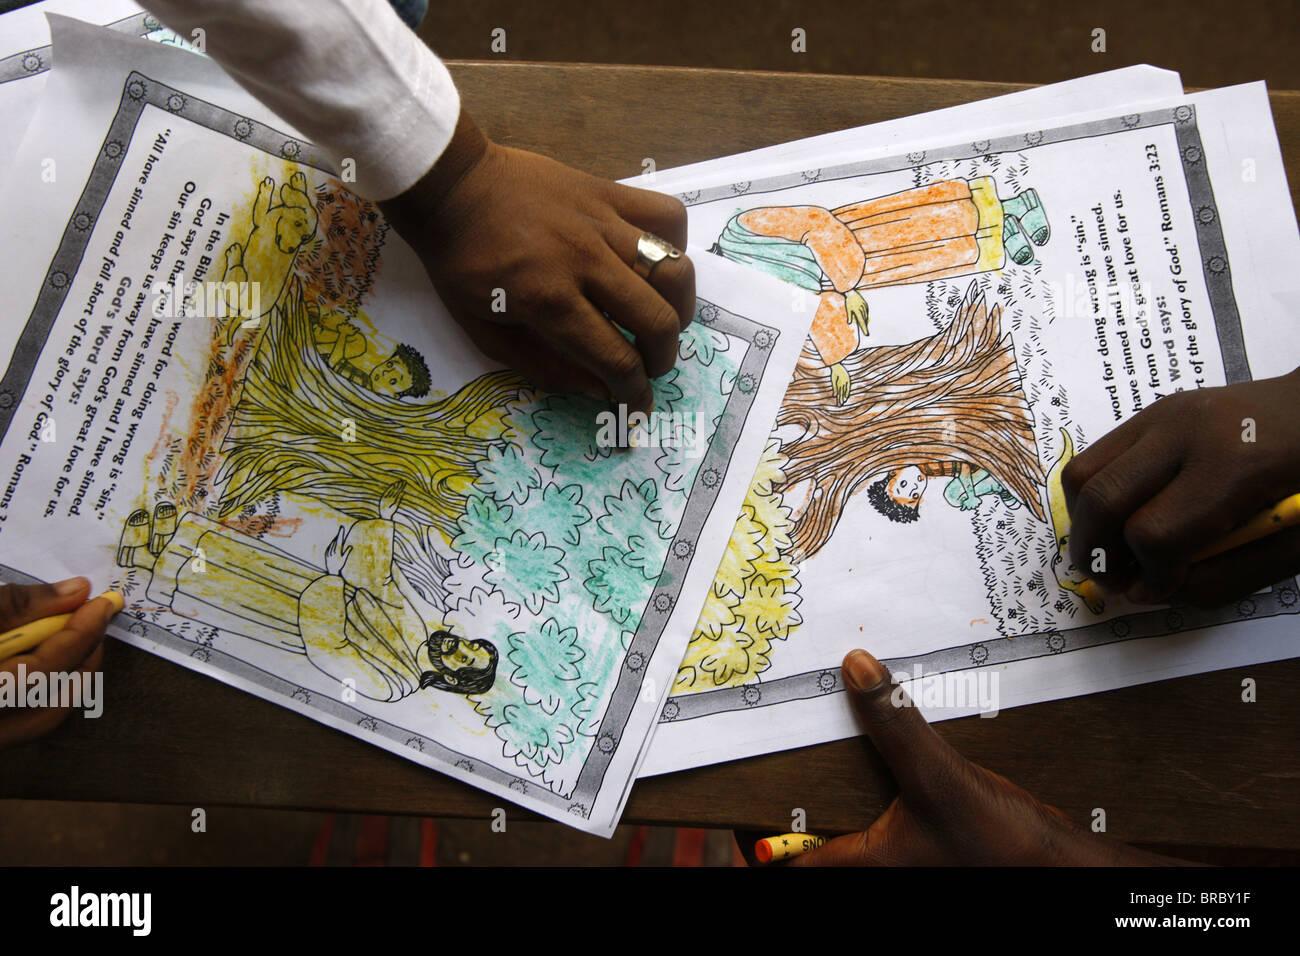 L'école du dimanche, Lomé, Togo, Afrique de l'Ouest Photo Stock